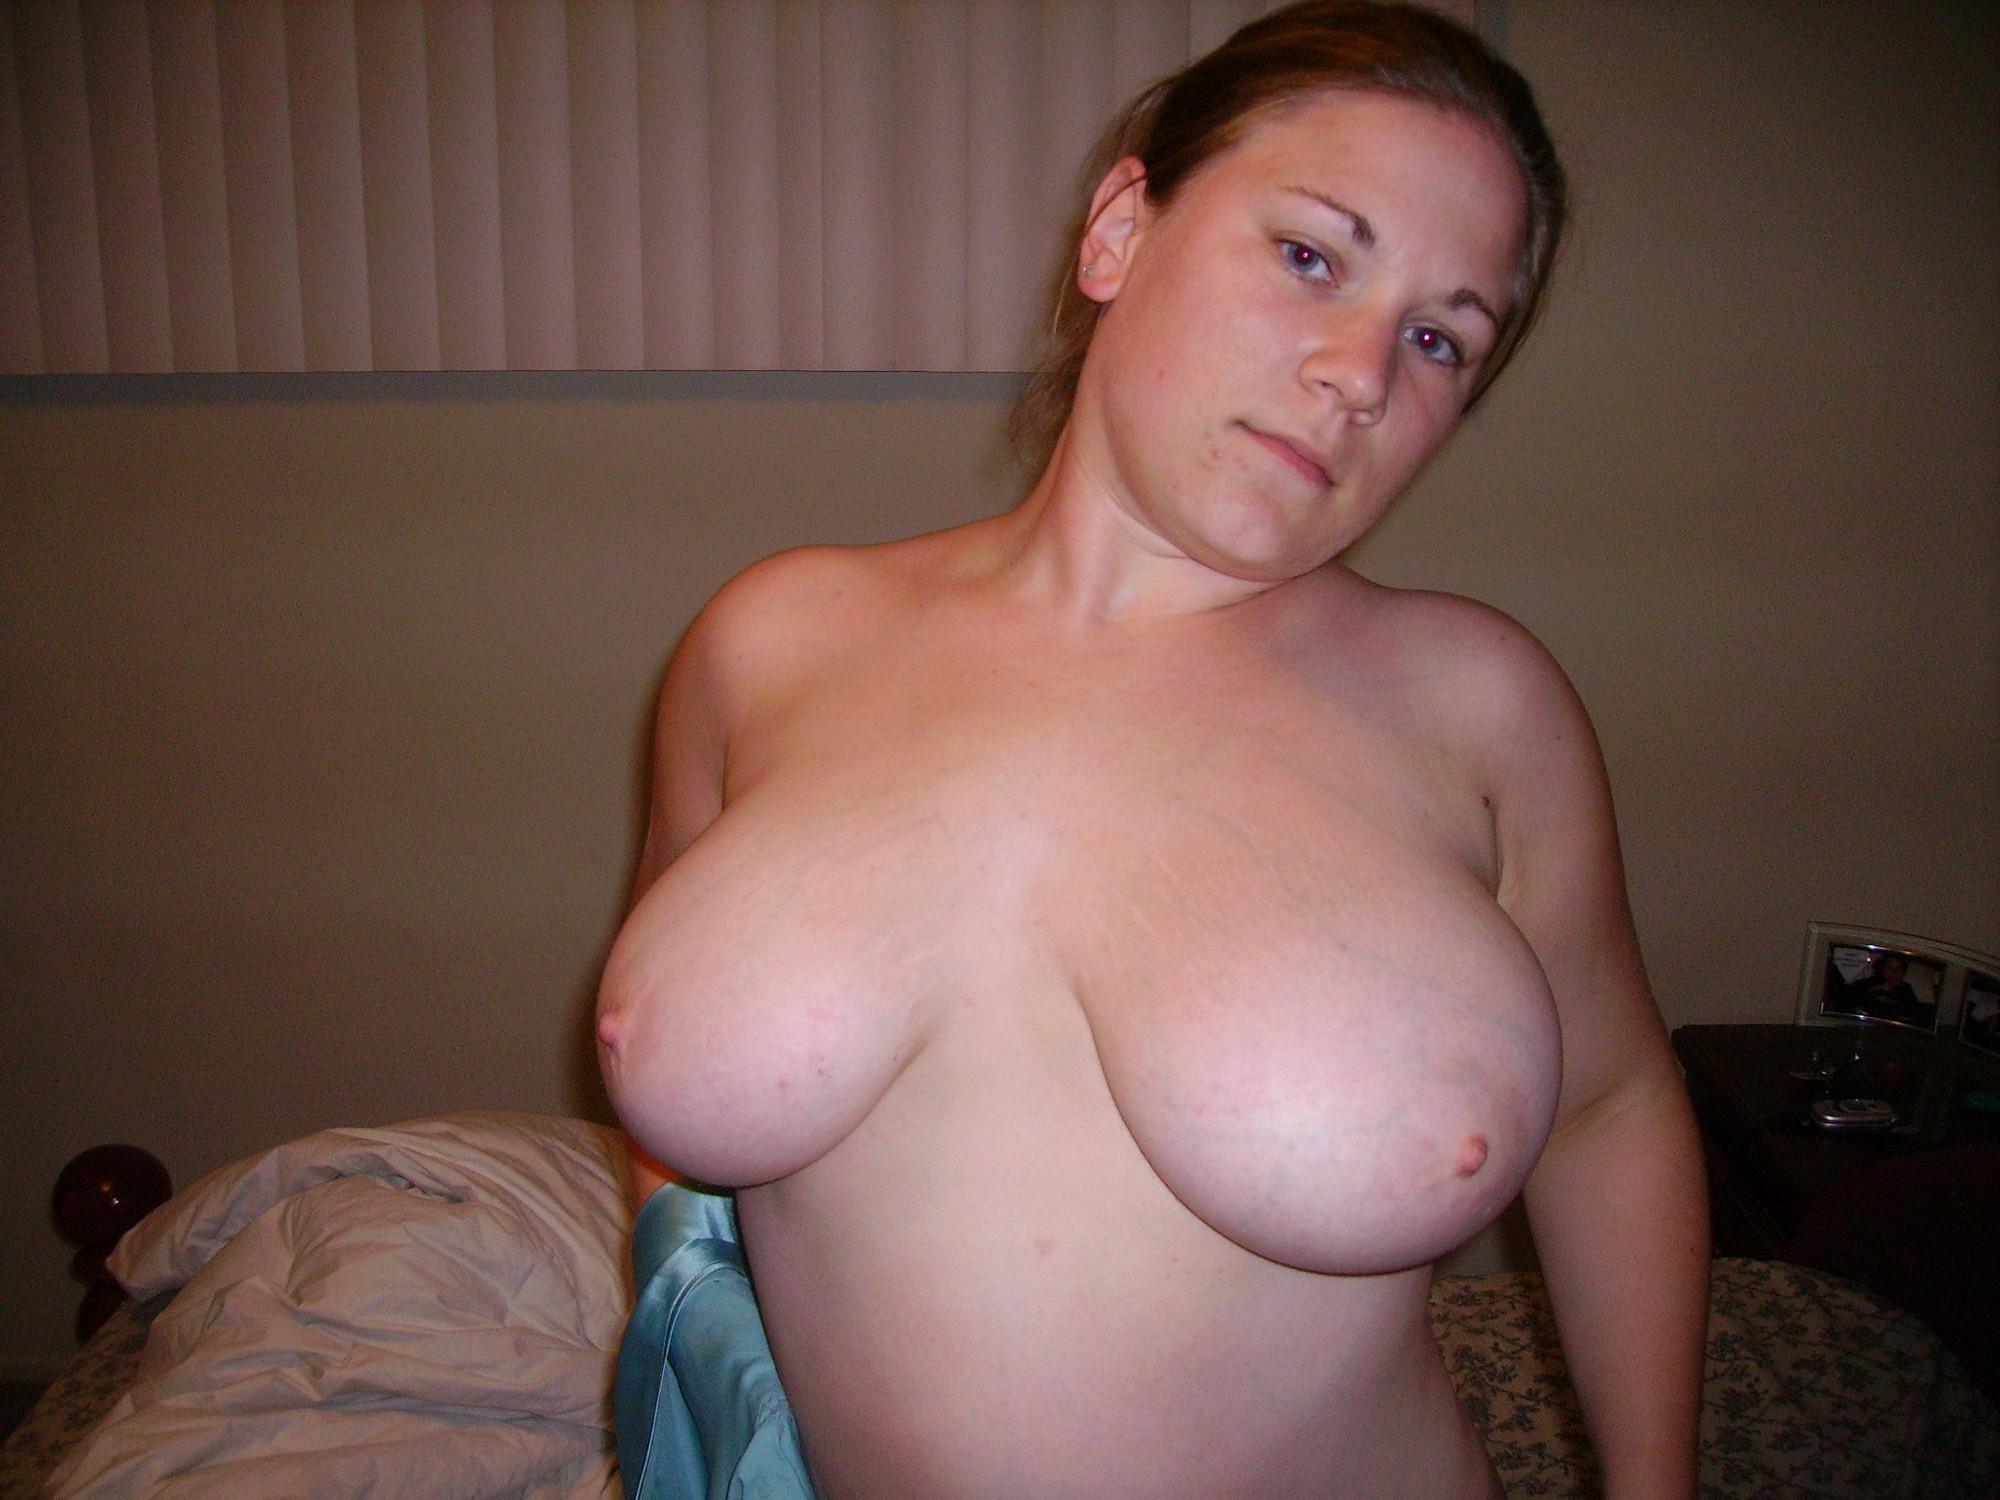 Бабенка красуется большими дойками после мастурбации